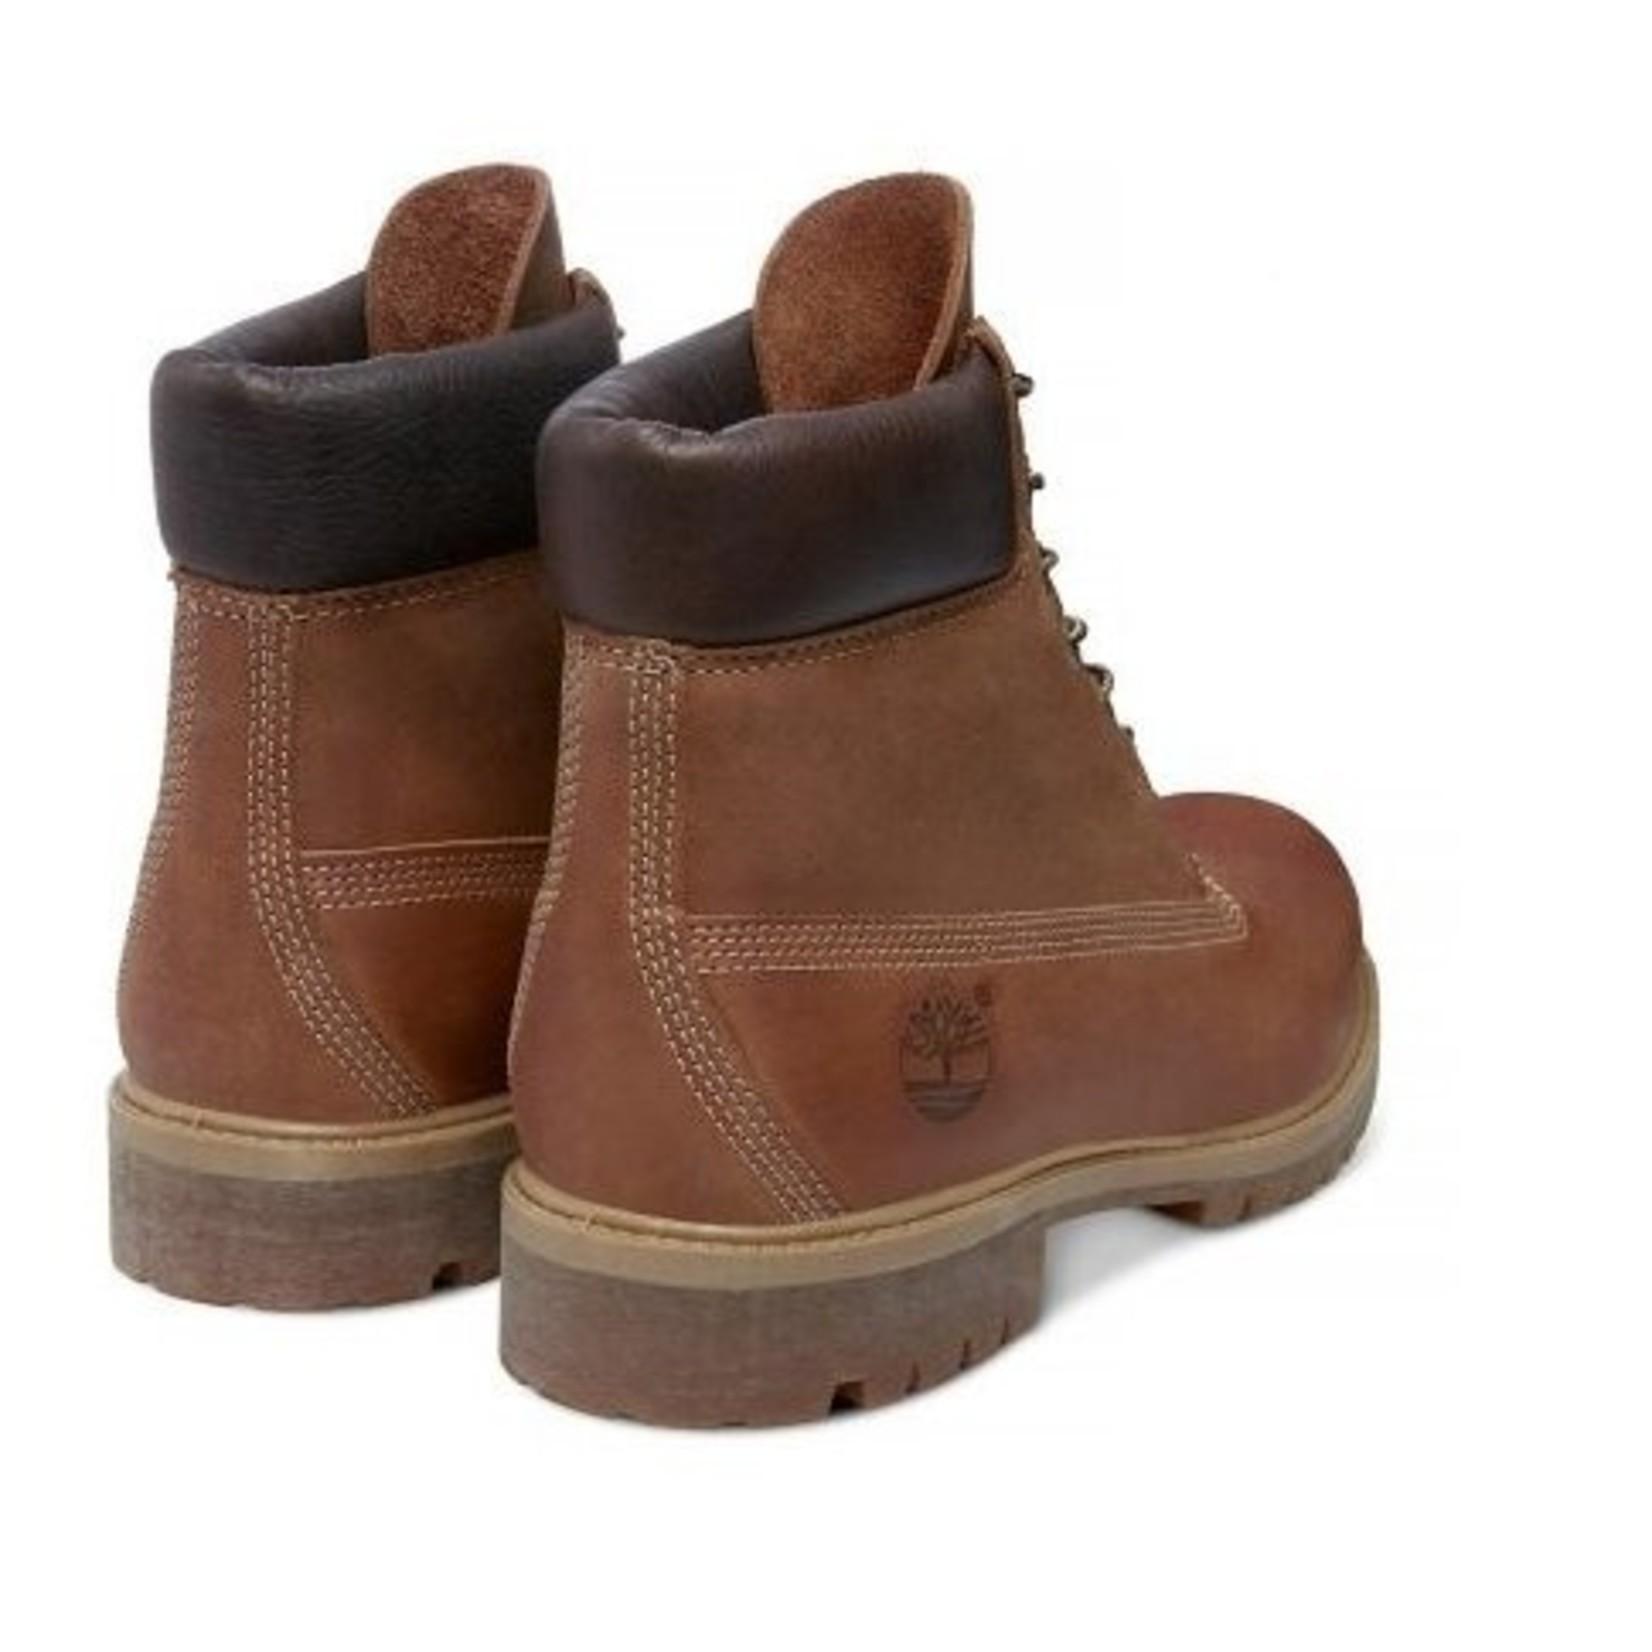 Timberland Timberland Heritage Classic 6-Inch Premium Waterproof Boot Herren